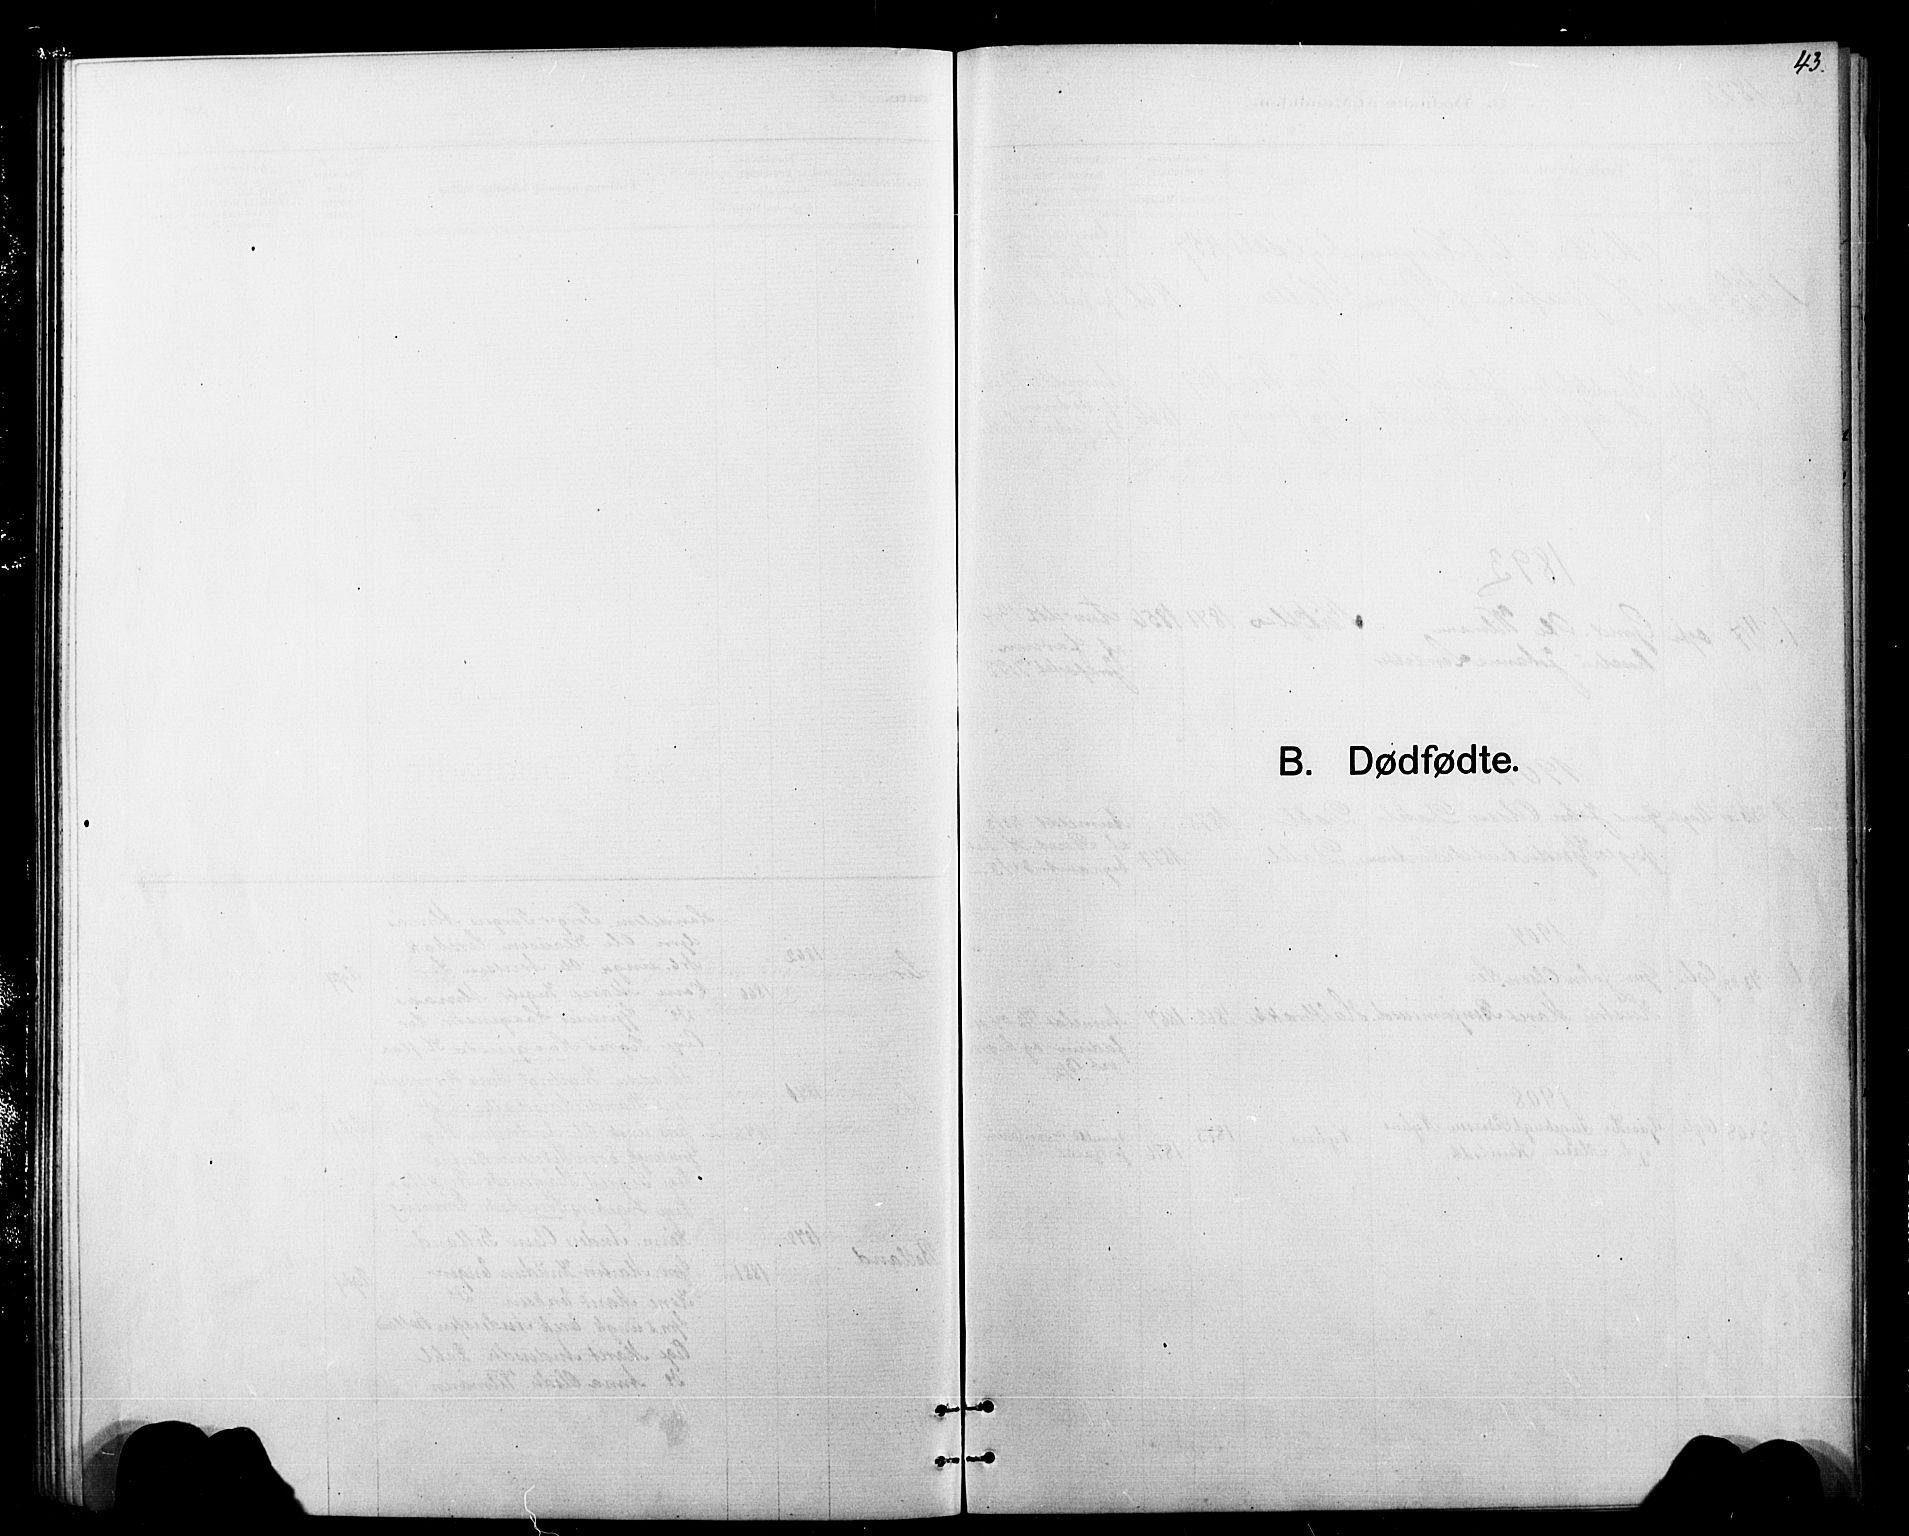 SAT, Ministerialprotokoller, klokkerbøker og fødselsregistre - Sør-Trøndelag, 693/L1123: Klokkerbok nr. 693C04, 1887-1910, s. 43